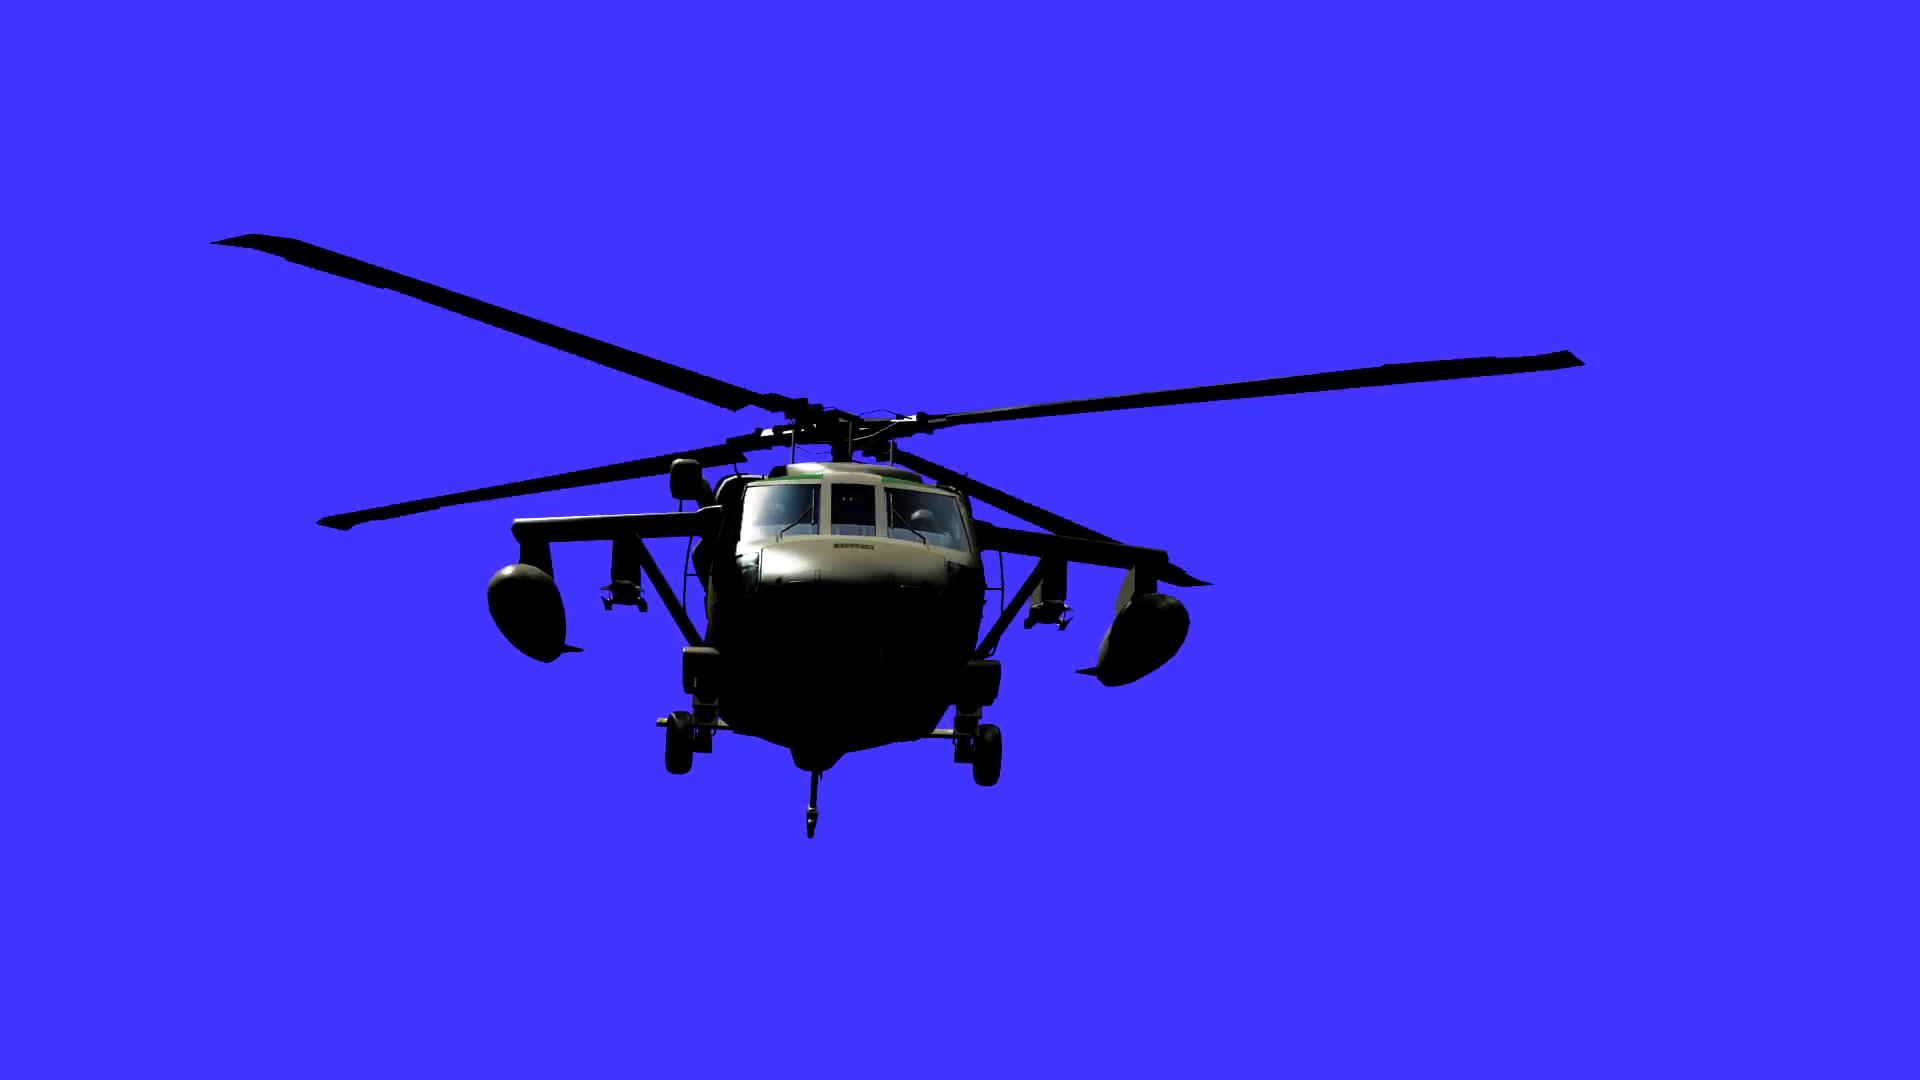 蓝屏扣像飞行的直升飞机